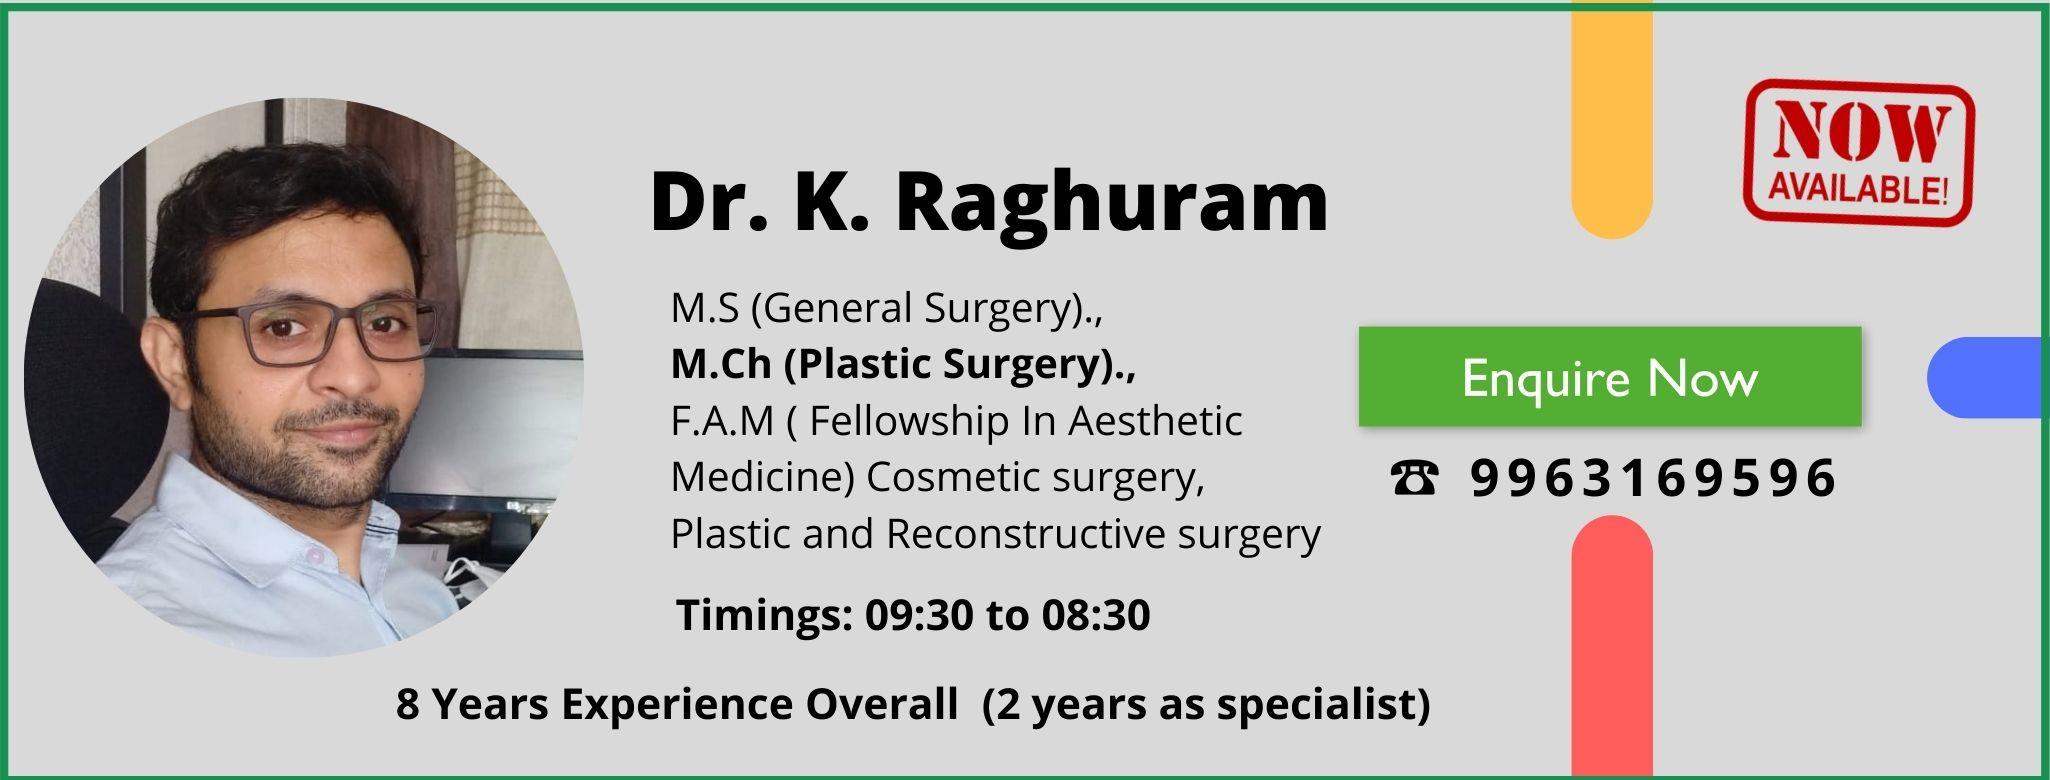 dr k raghuram